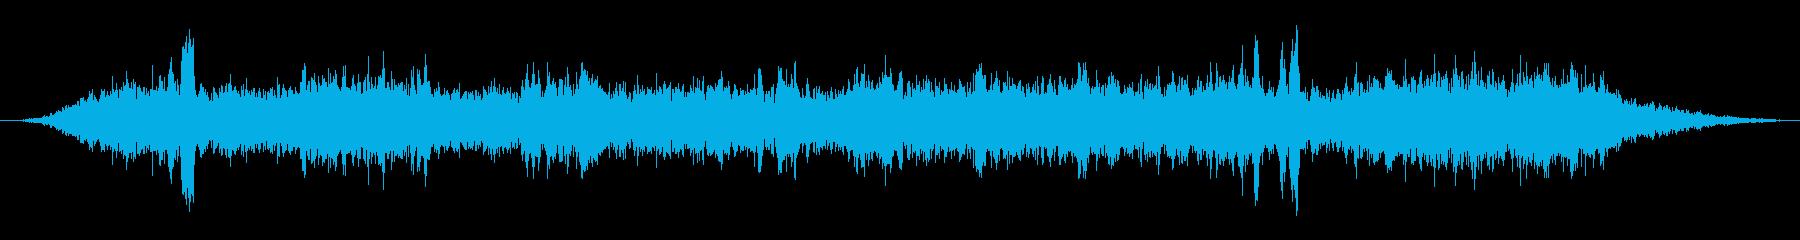 にぎわい1の再生済みの波形